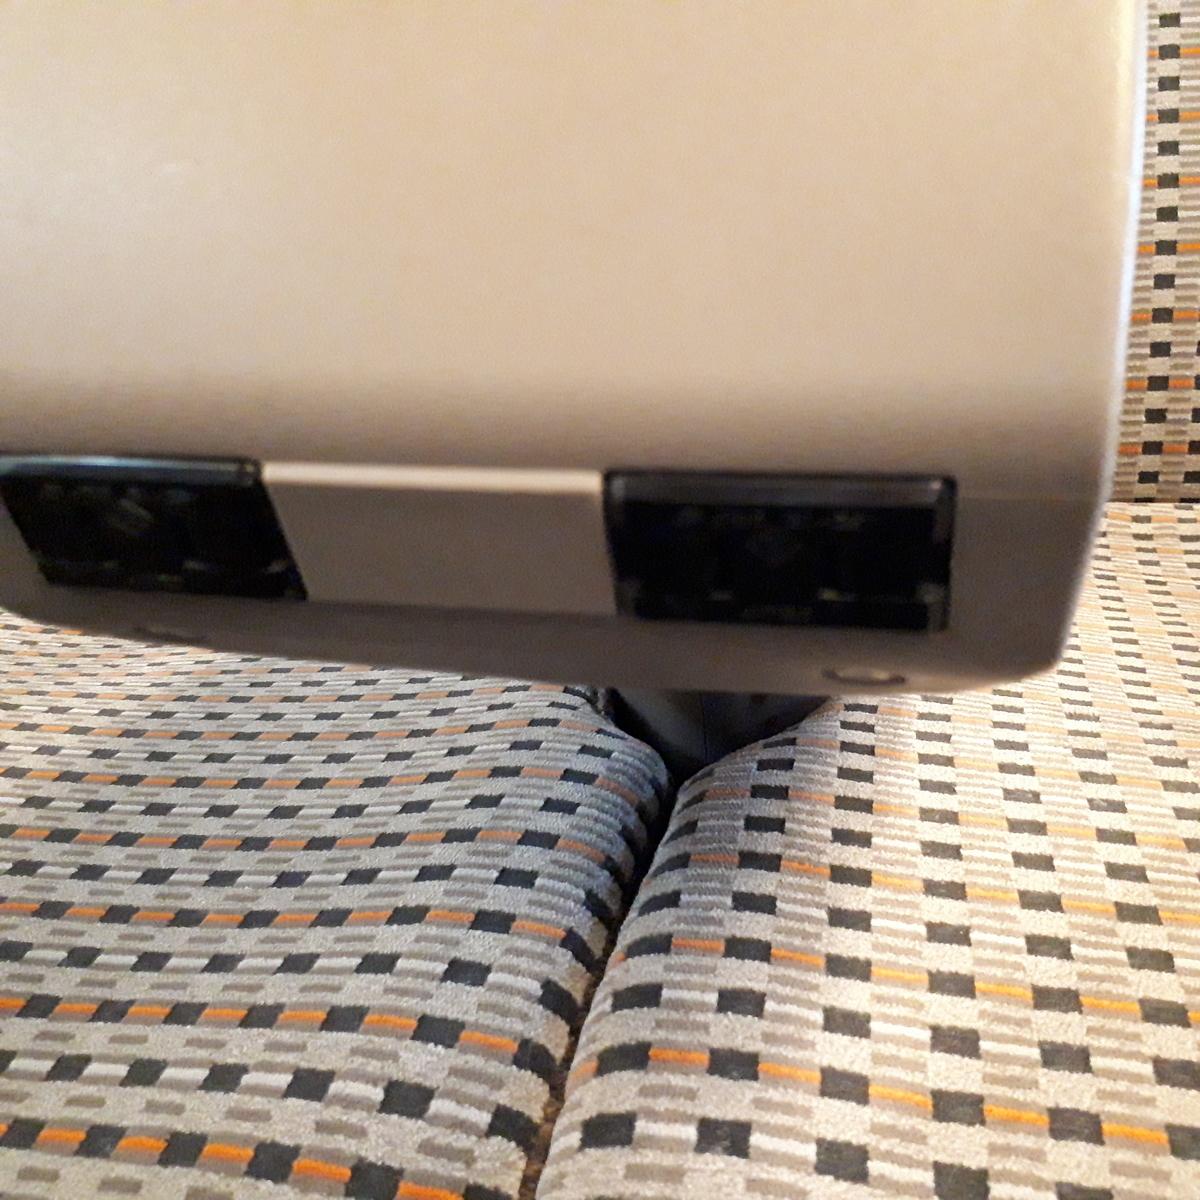 新幹線N700系 のぞみ グリーン車 座席 ひじ掛け コンセント